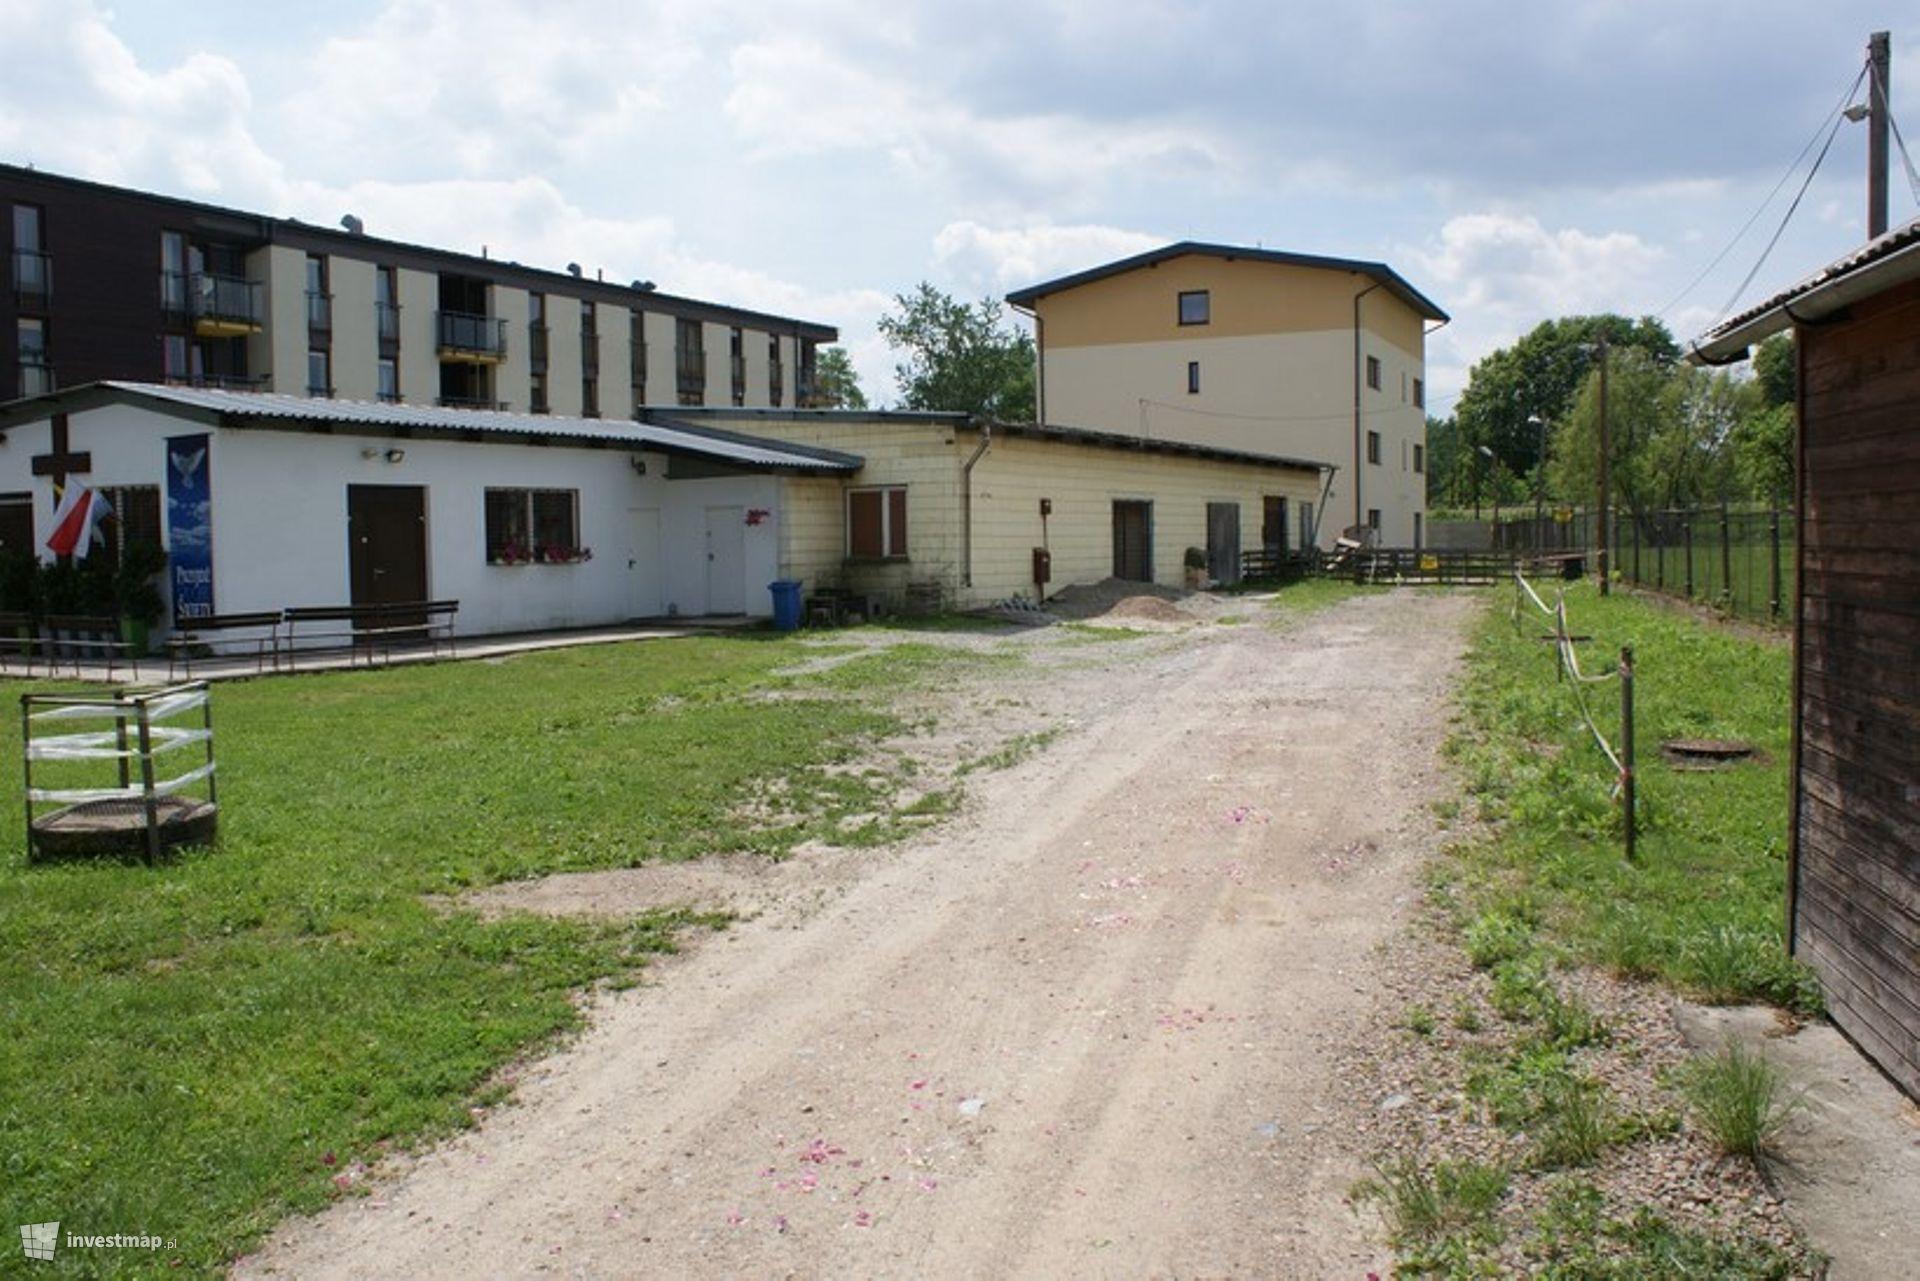 Kościół, ul. Radzikowskiego 49